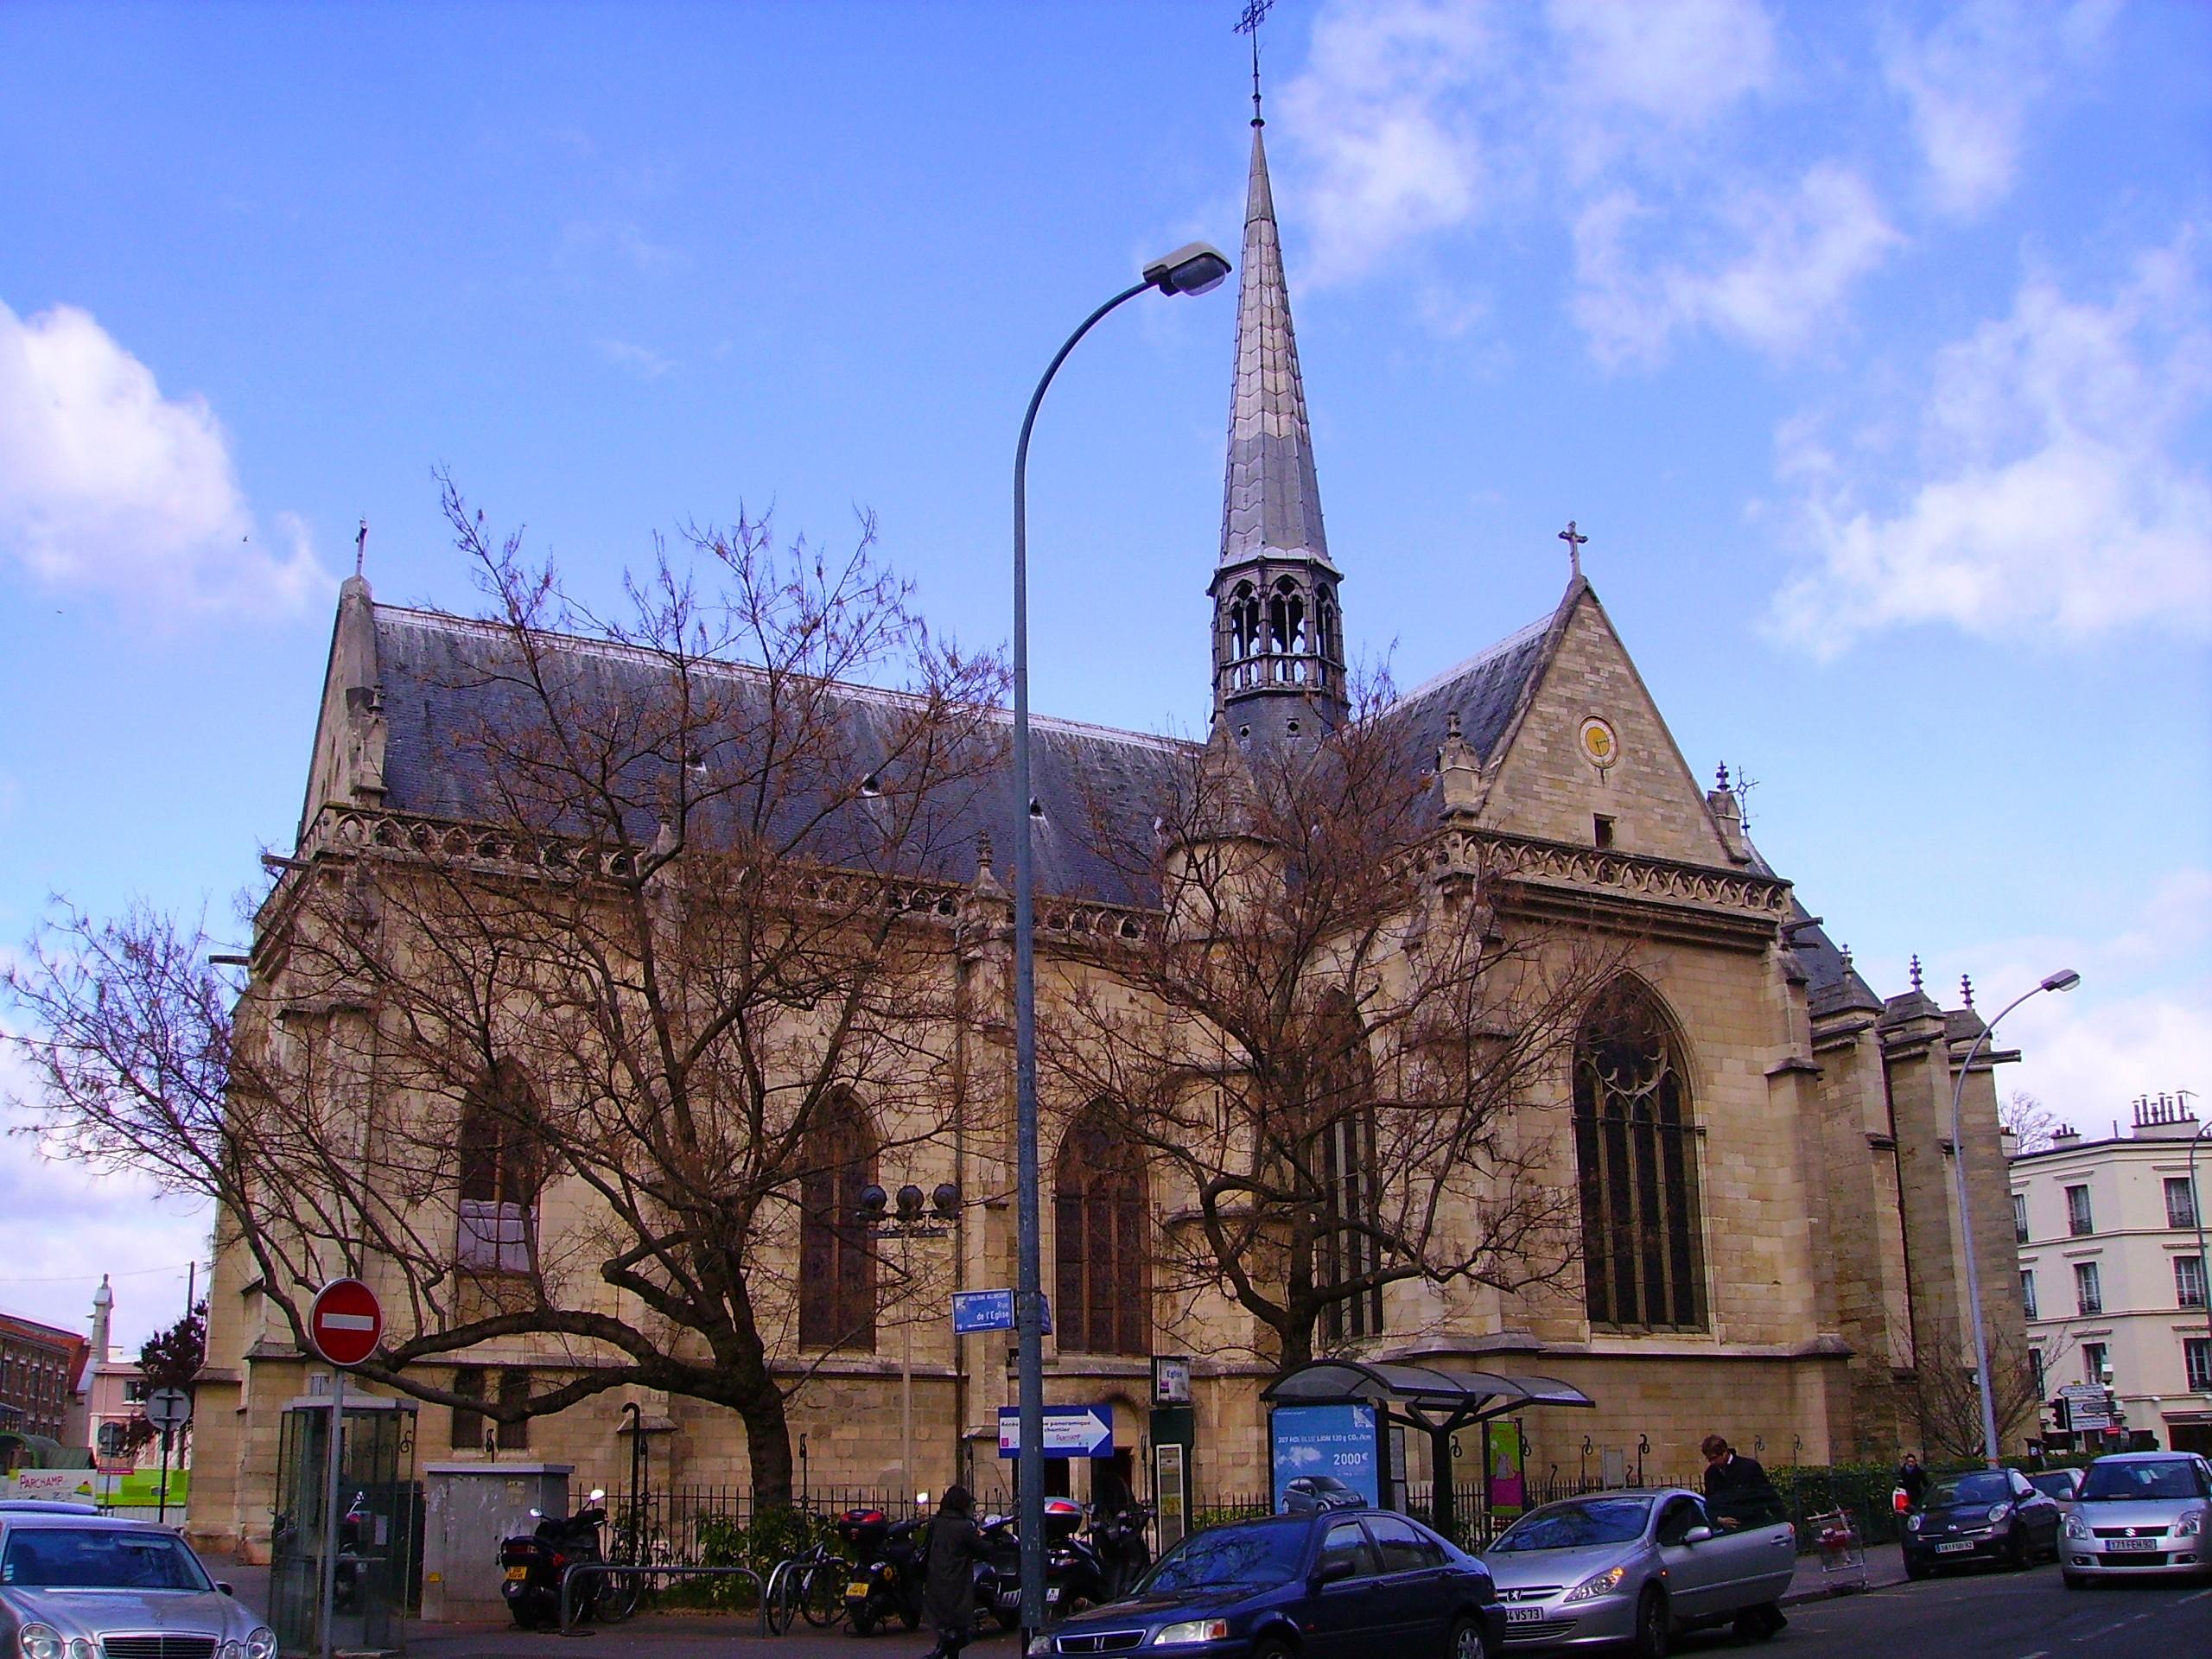 Boulogne billancourt d finition c 39 est quoi - Office tourisme boulogne billancourt ...